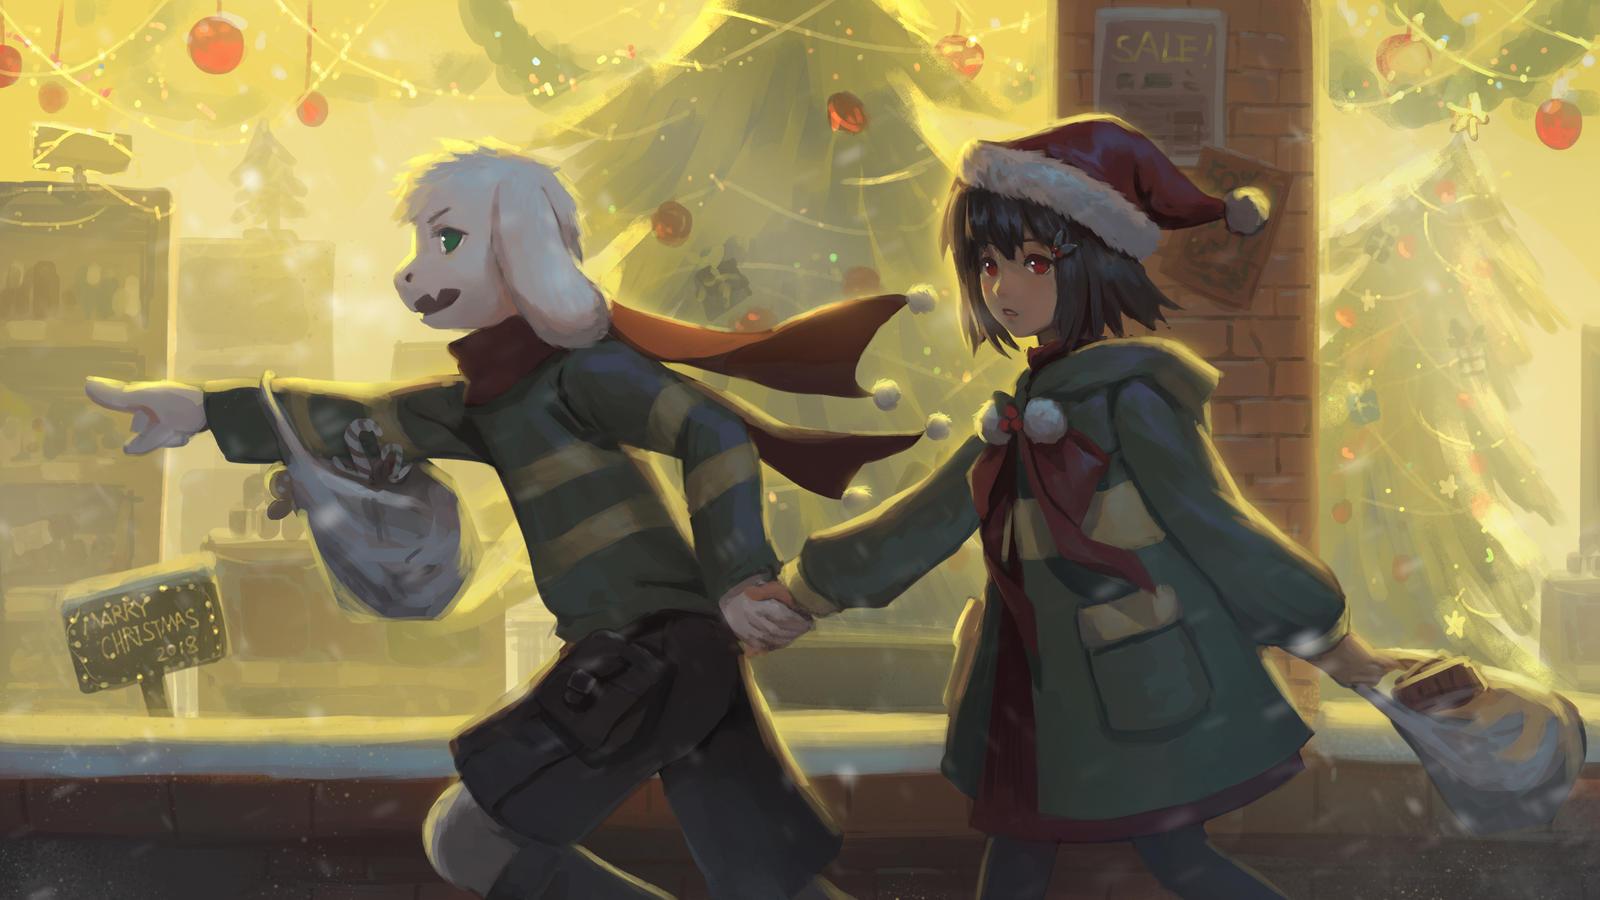 Undertale Wallpaper Zerochan Anime Image Board